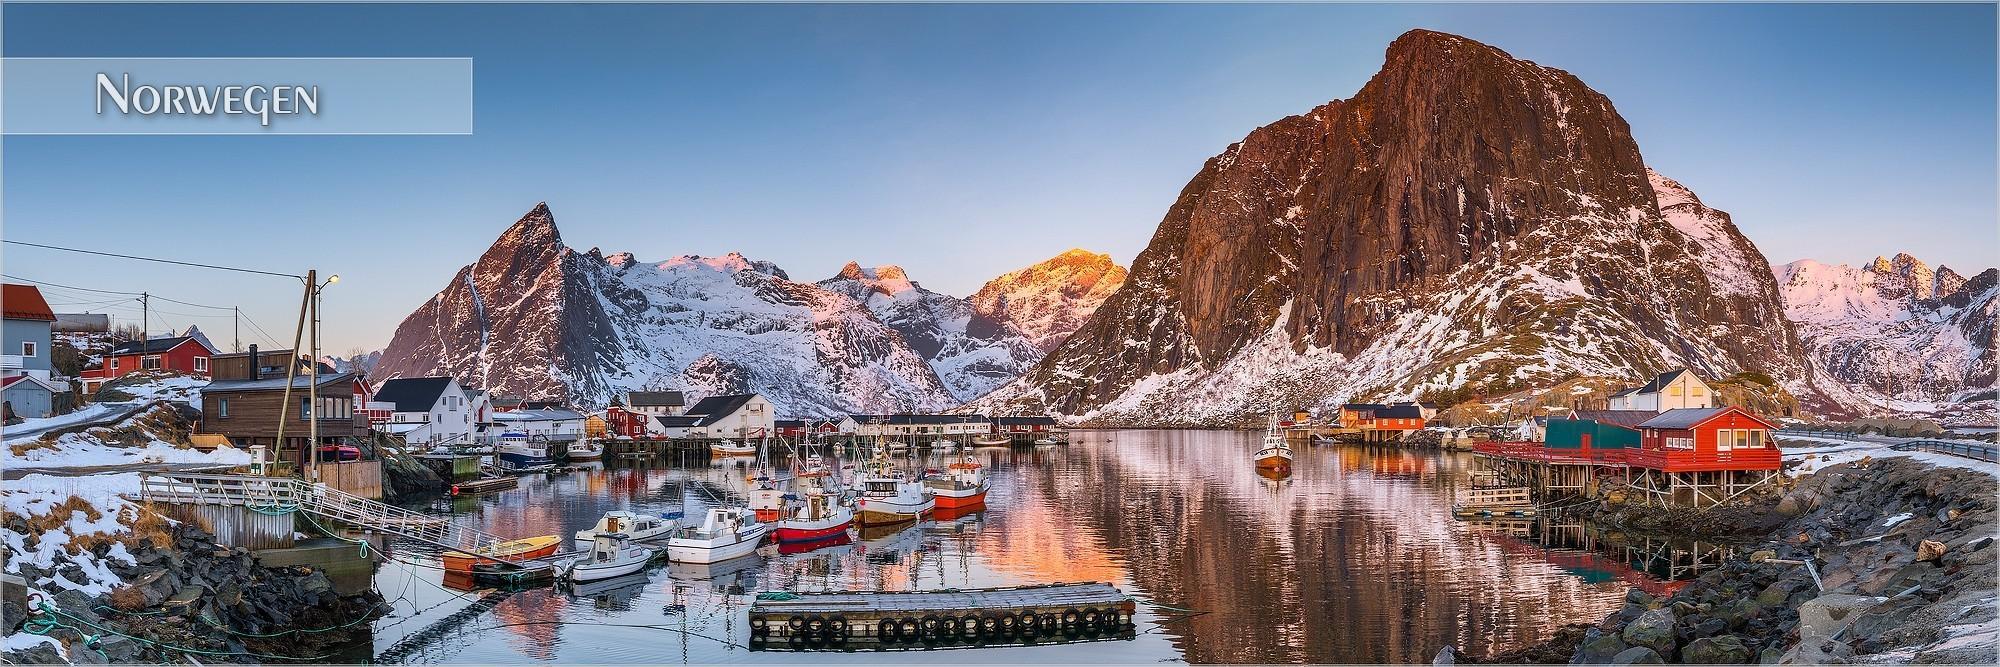 FineArt & Panoramafotografien aus Norwegen